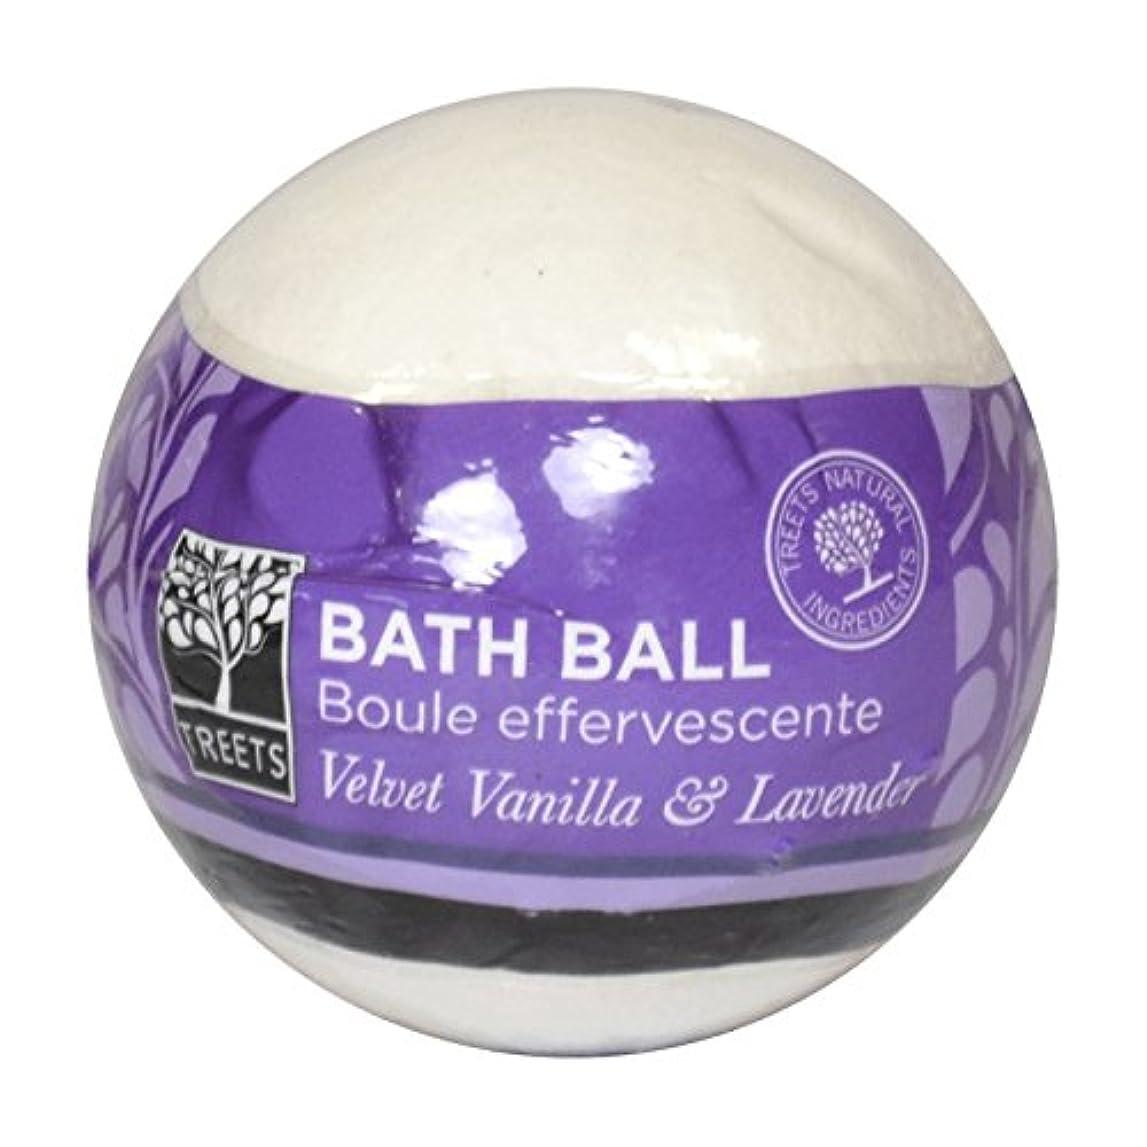 パーティション突進忠実にTreets Velvet Vanilla & Lavender Bath Ball (Pack of 2) - Treetsベルベットのバニラ&ラベンダーバスボール (x2) [並行輸入品]